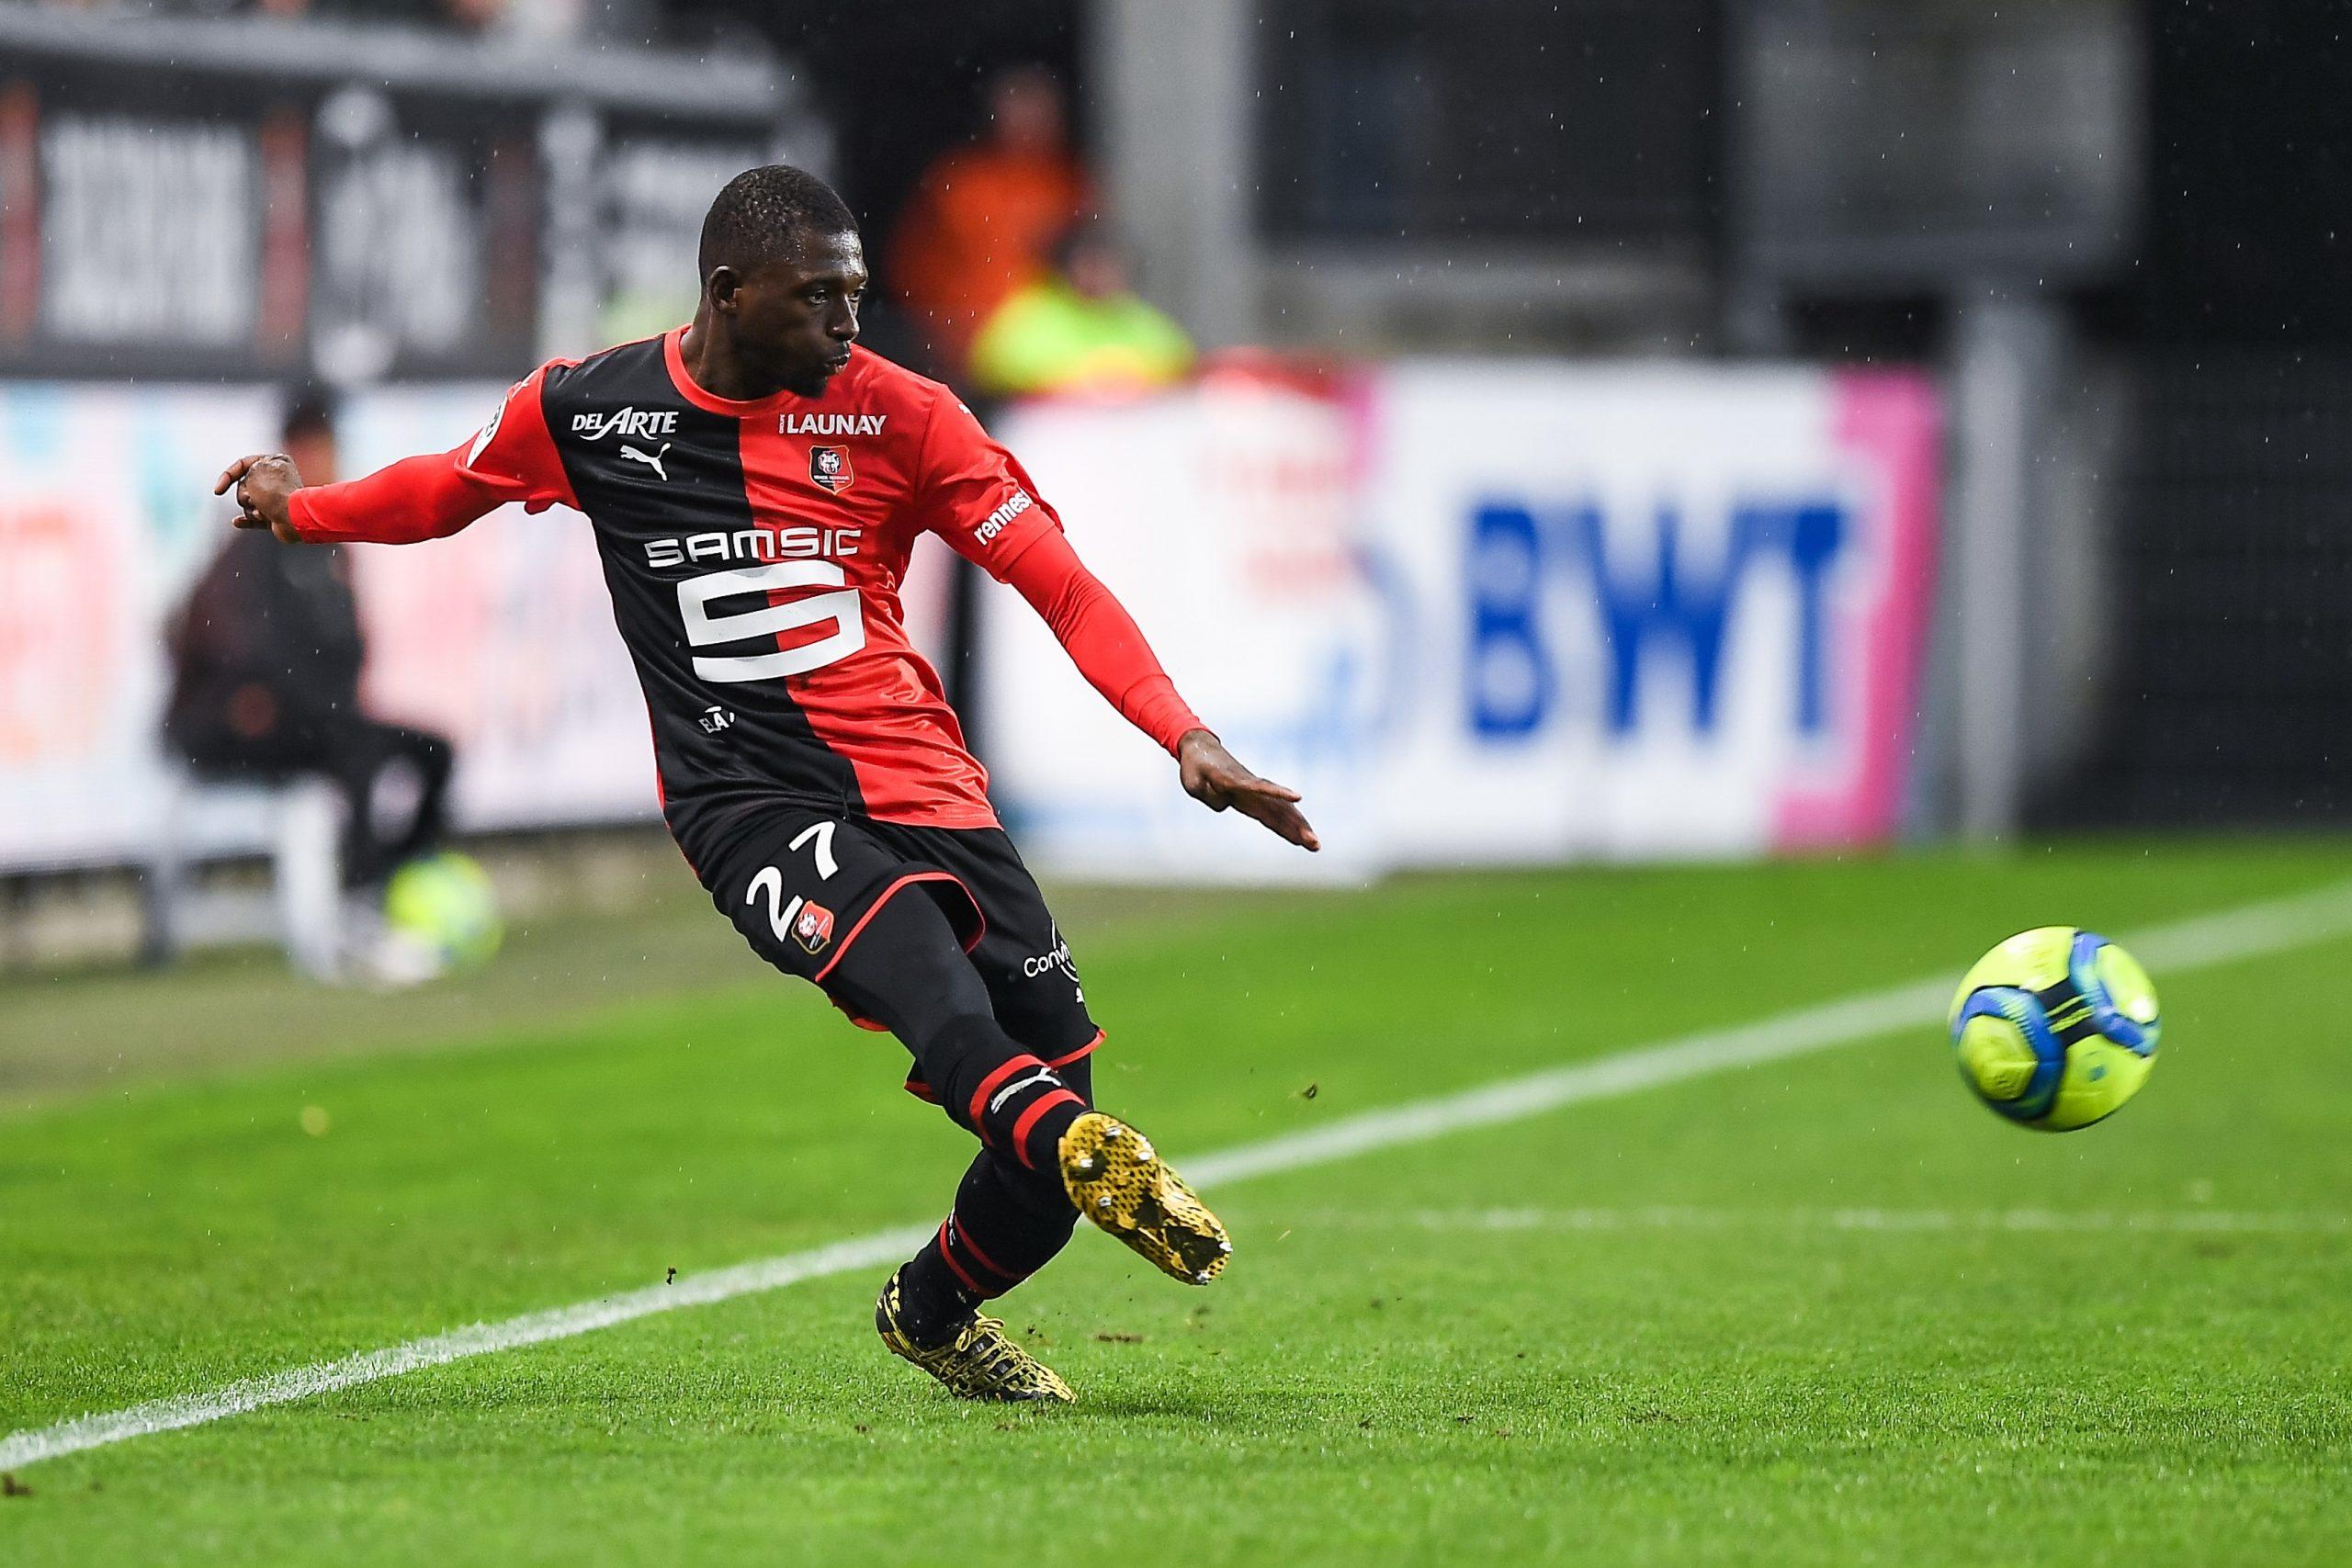 Mercato - Rennes aurait encore l'espoir de prolonger Traoré, qui intéresserait le PSG